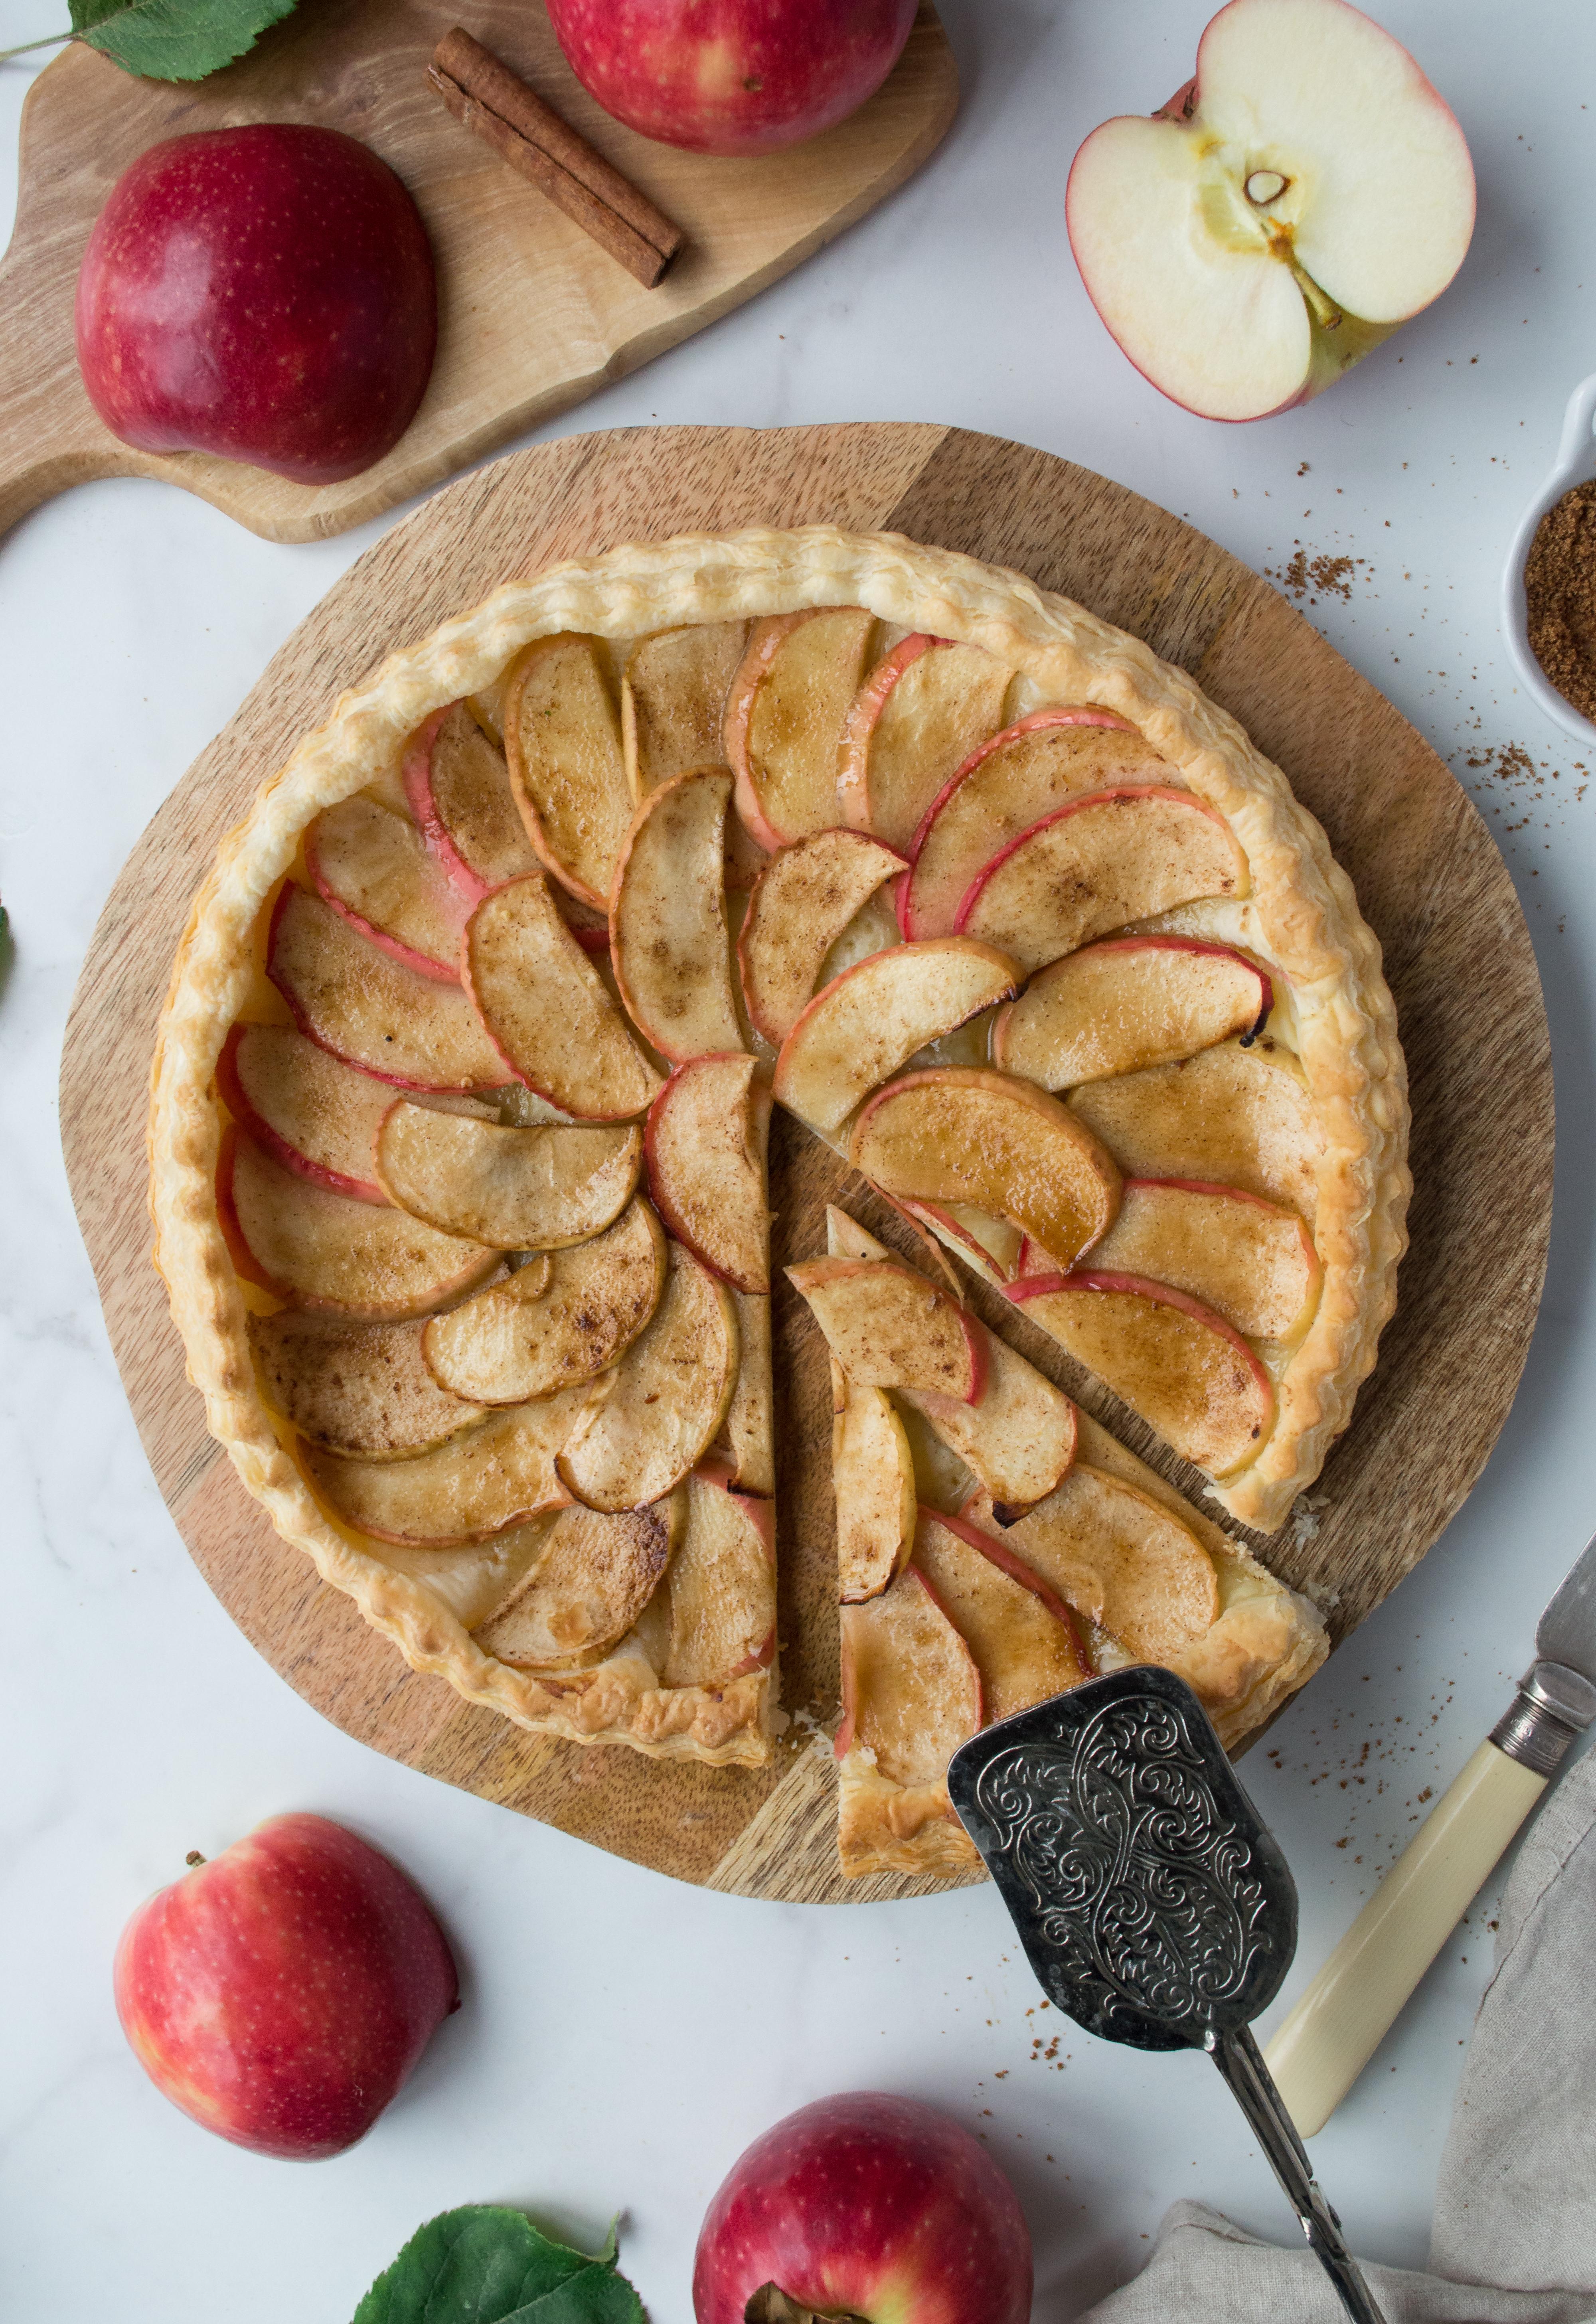 The easiest vegan apple tart you'll ever make